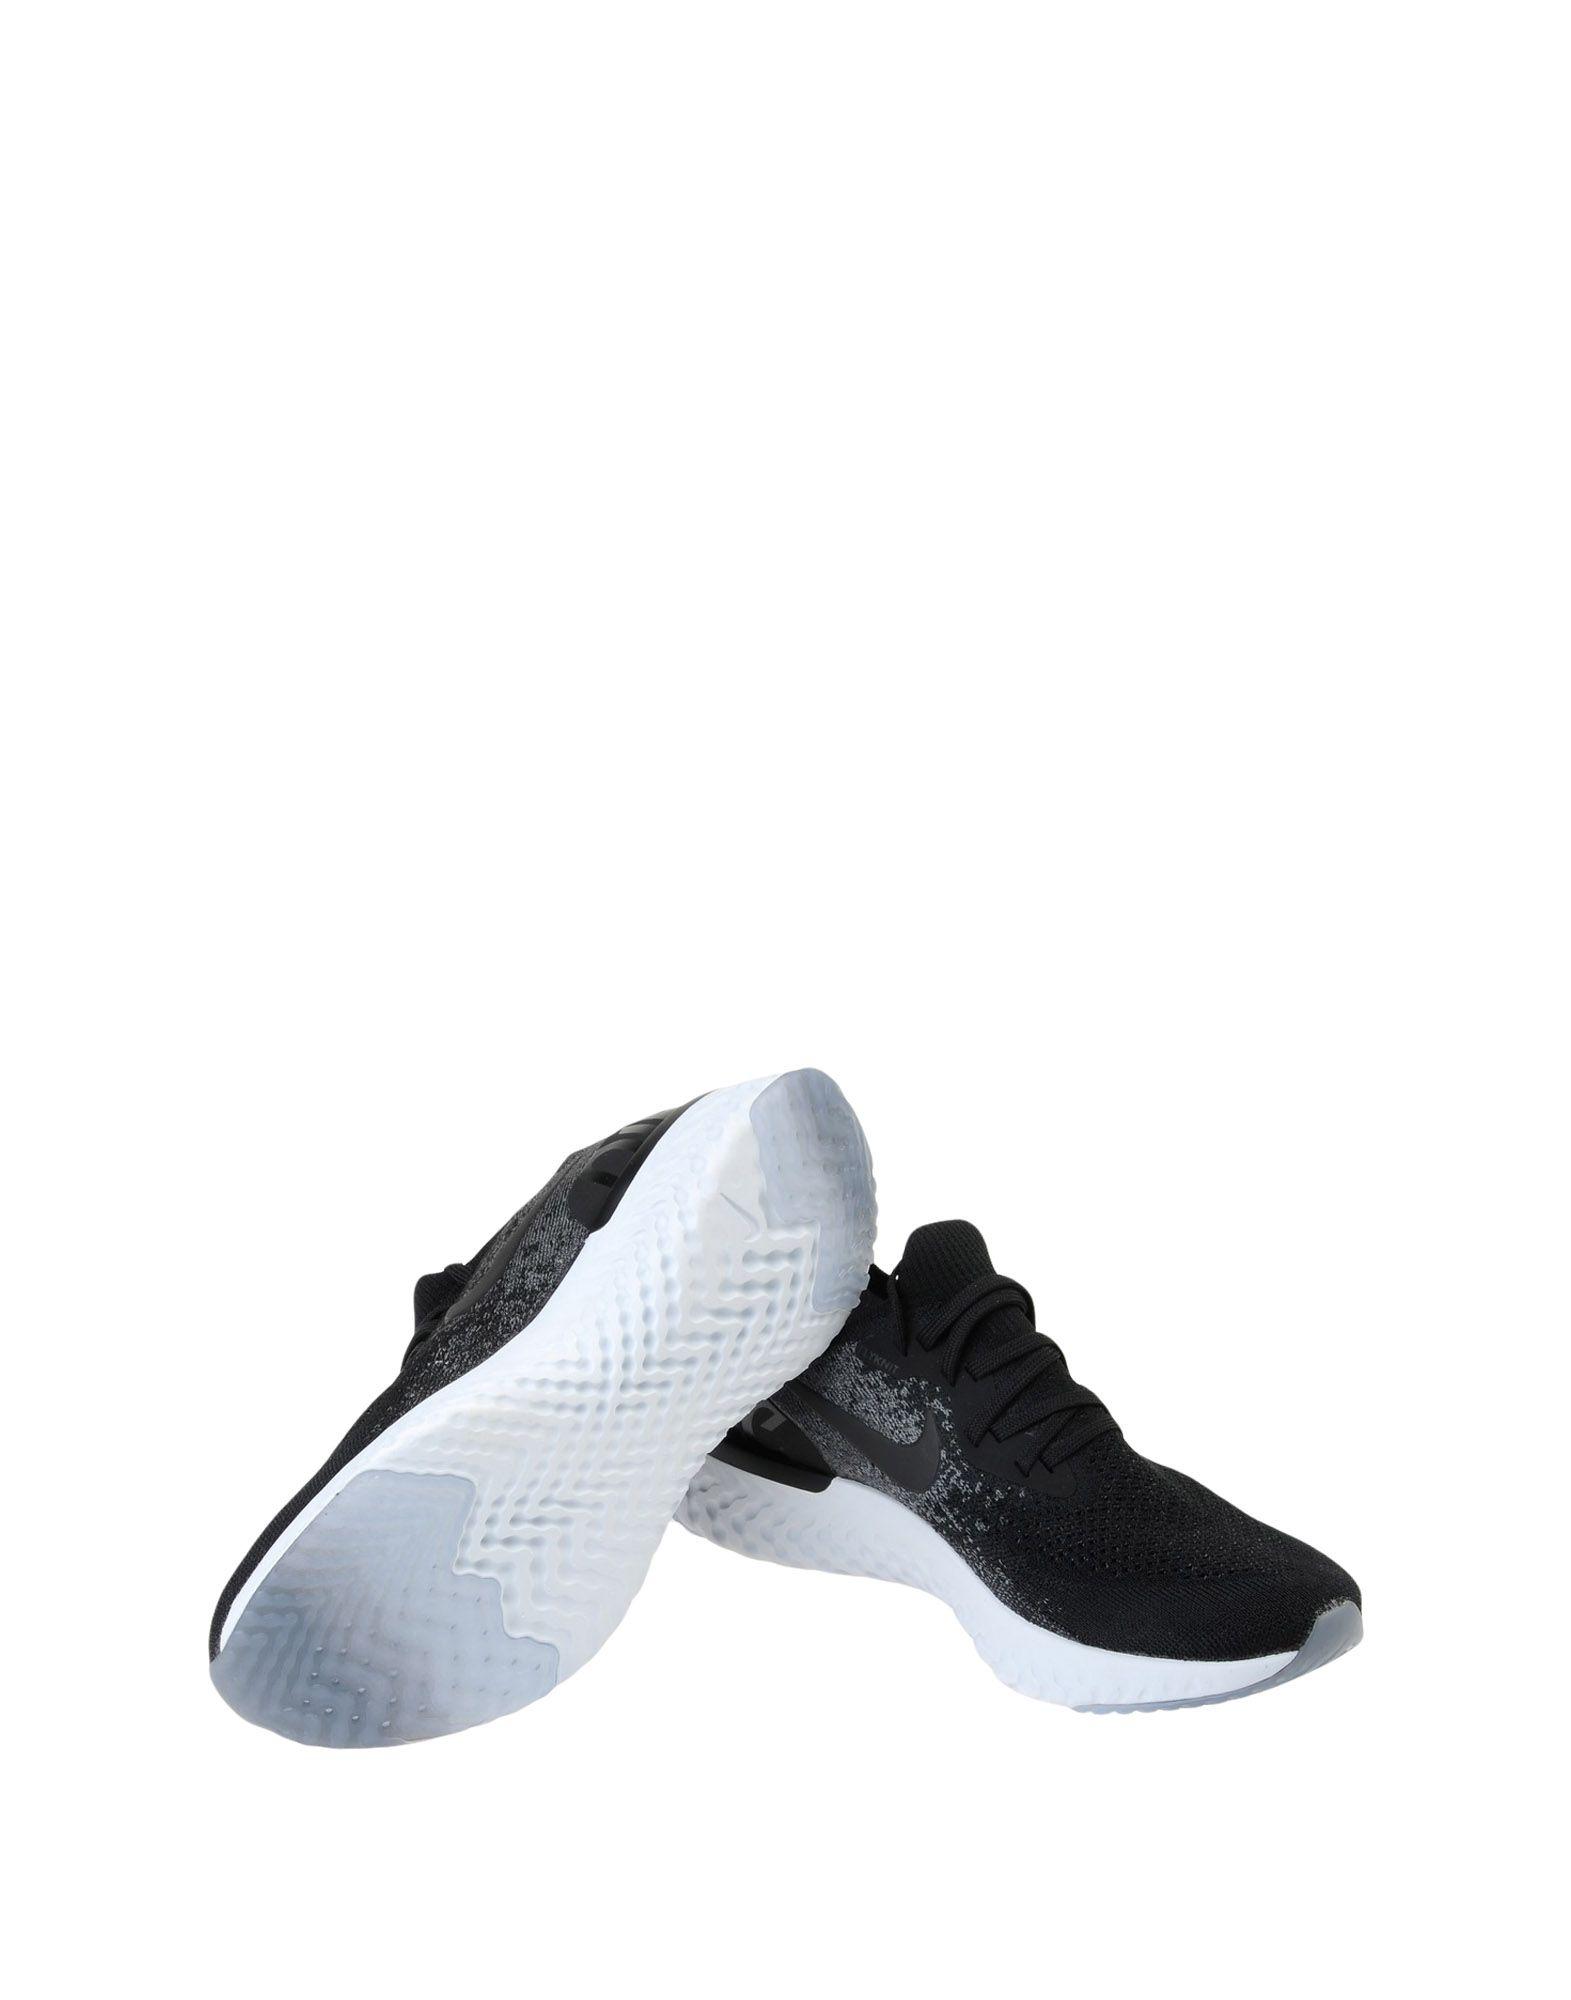 Stilvolle billige Flyknit Schuhe Nike Epic React Flyknit billige  11489619HH c0e721